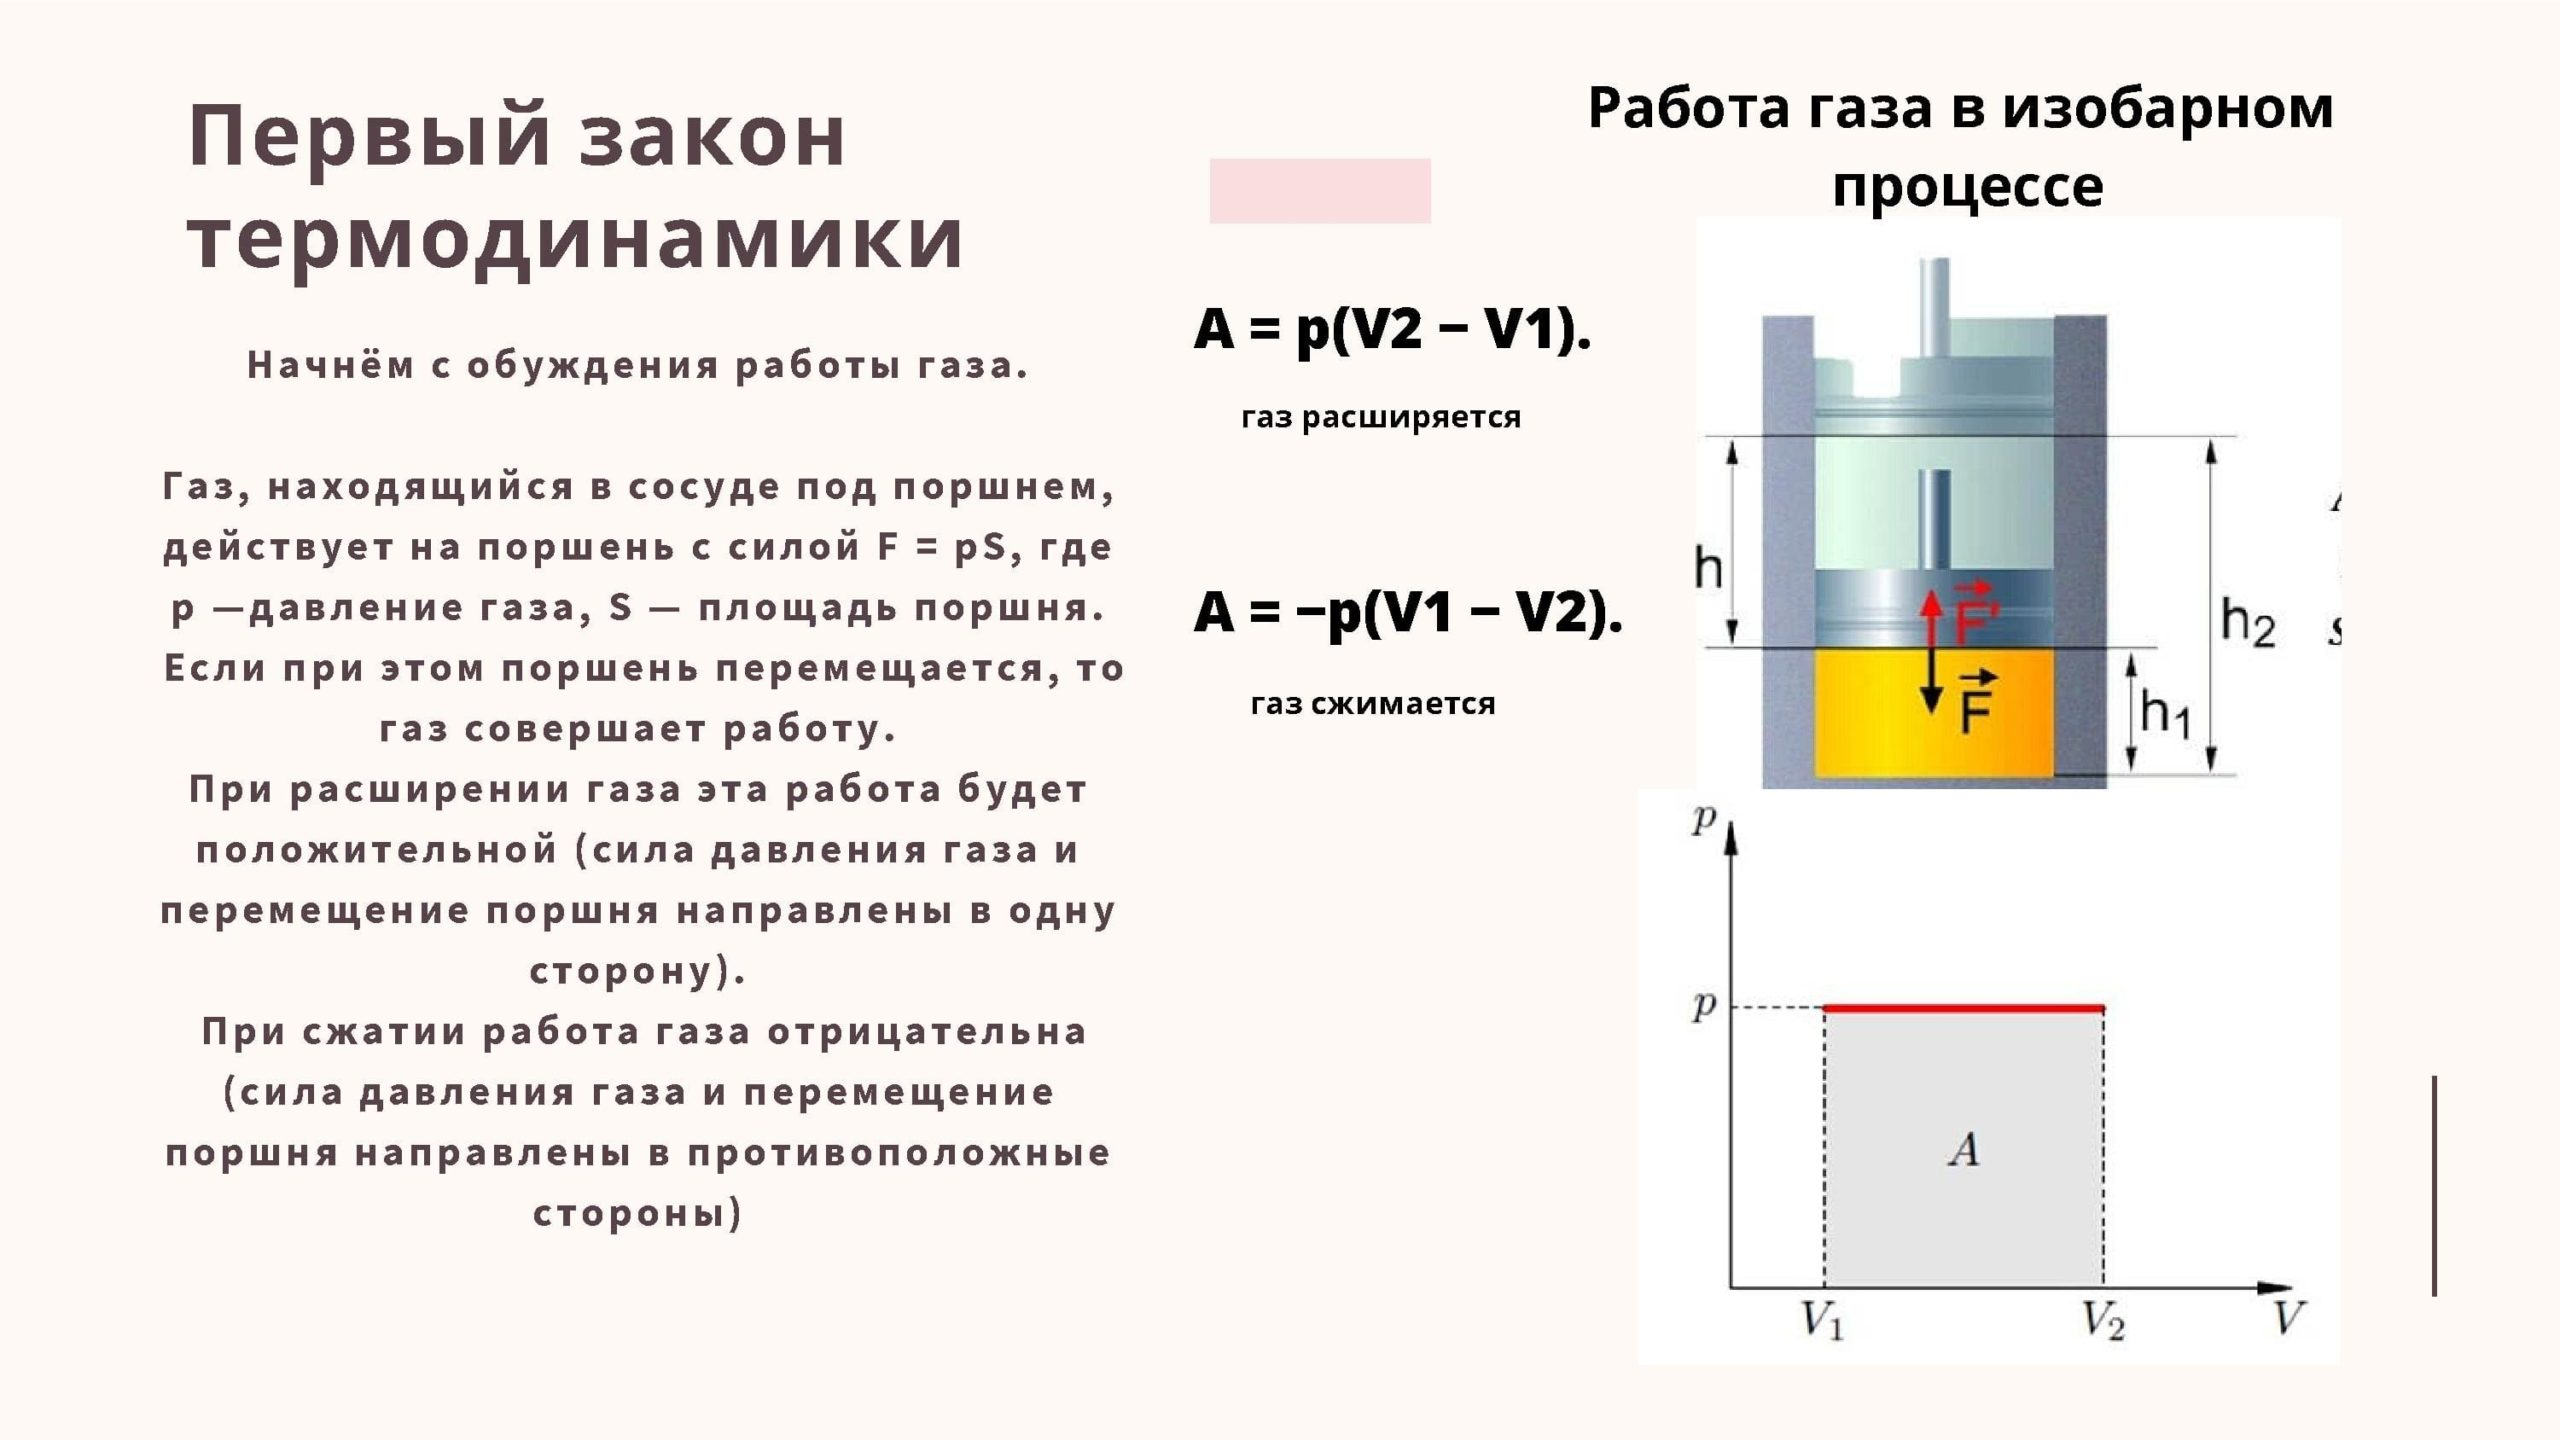 Первый закон термодинамики. Работа газа в изобарном процессе